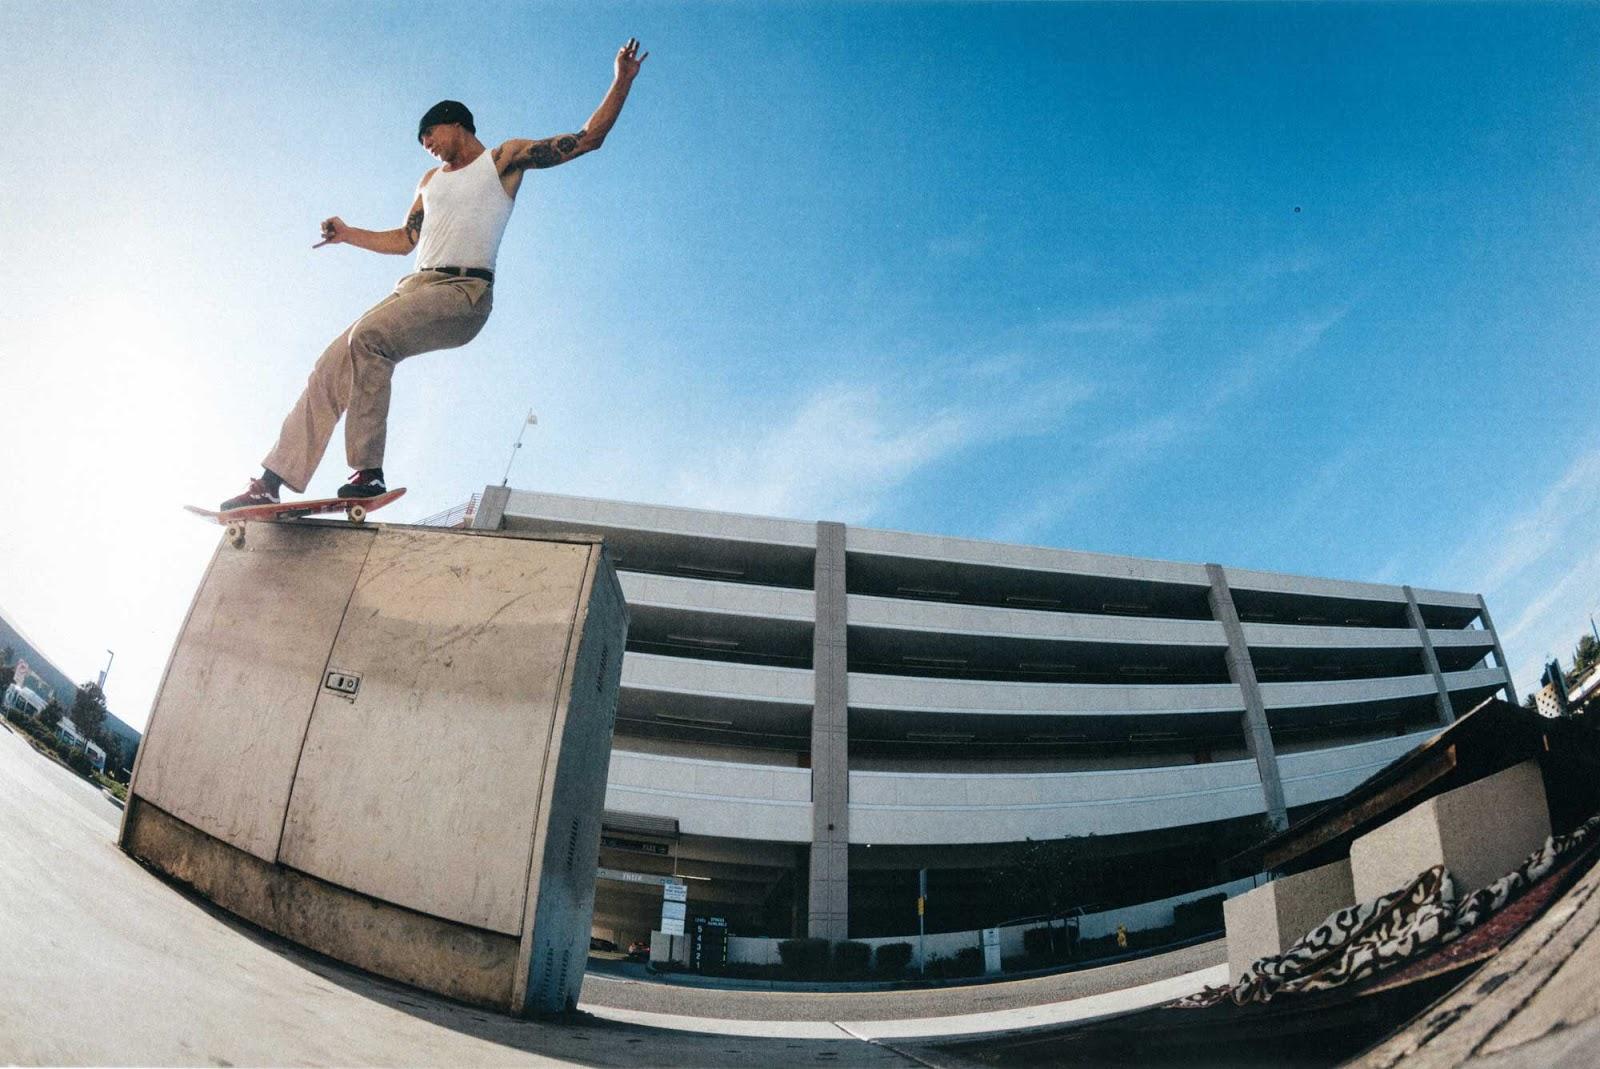 grip skateboard vans